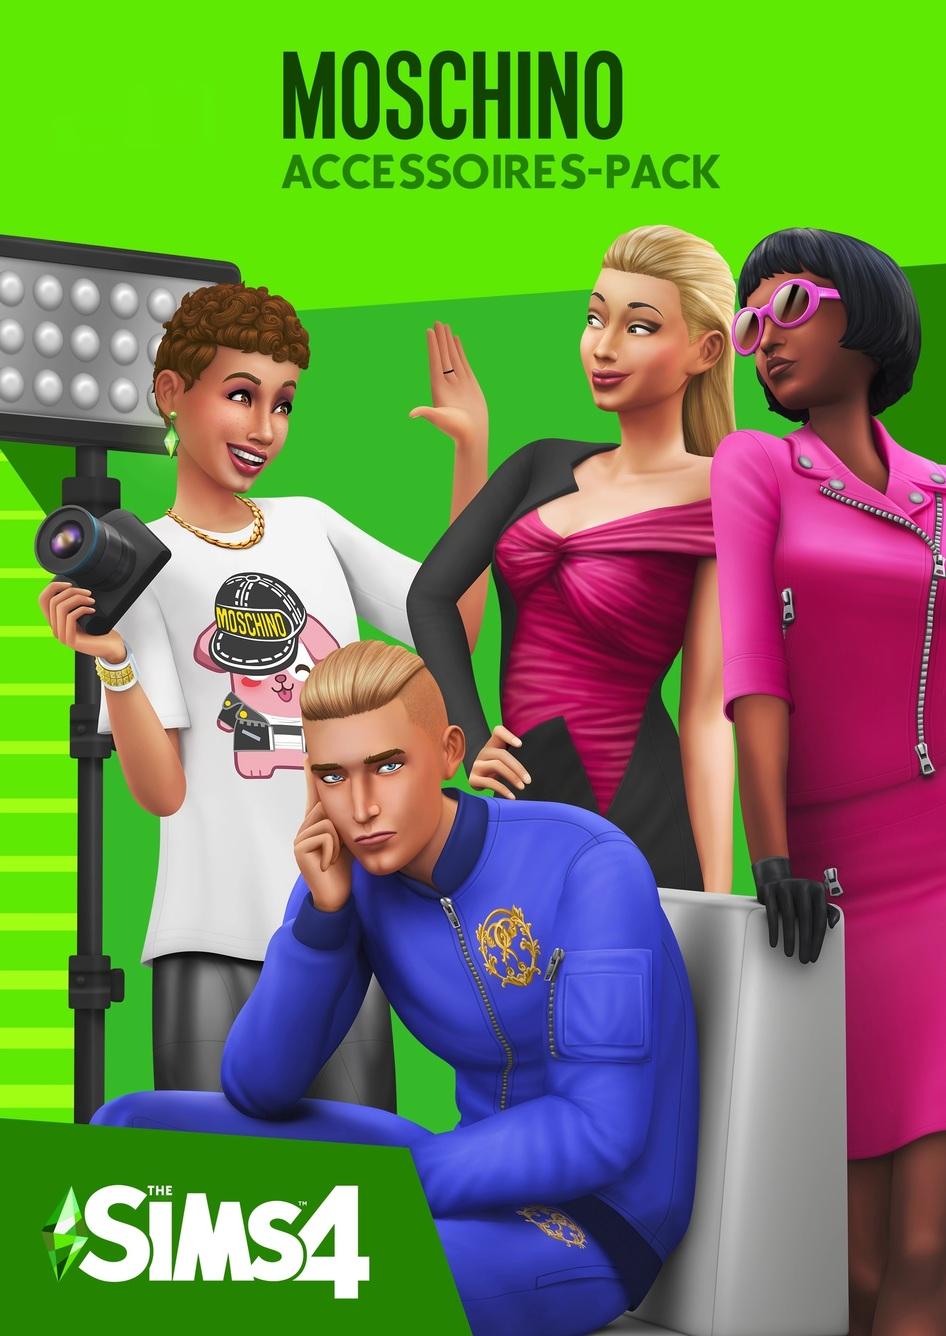 The Sims 4: Moschino Stuff Pack - Origin